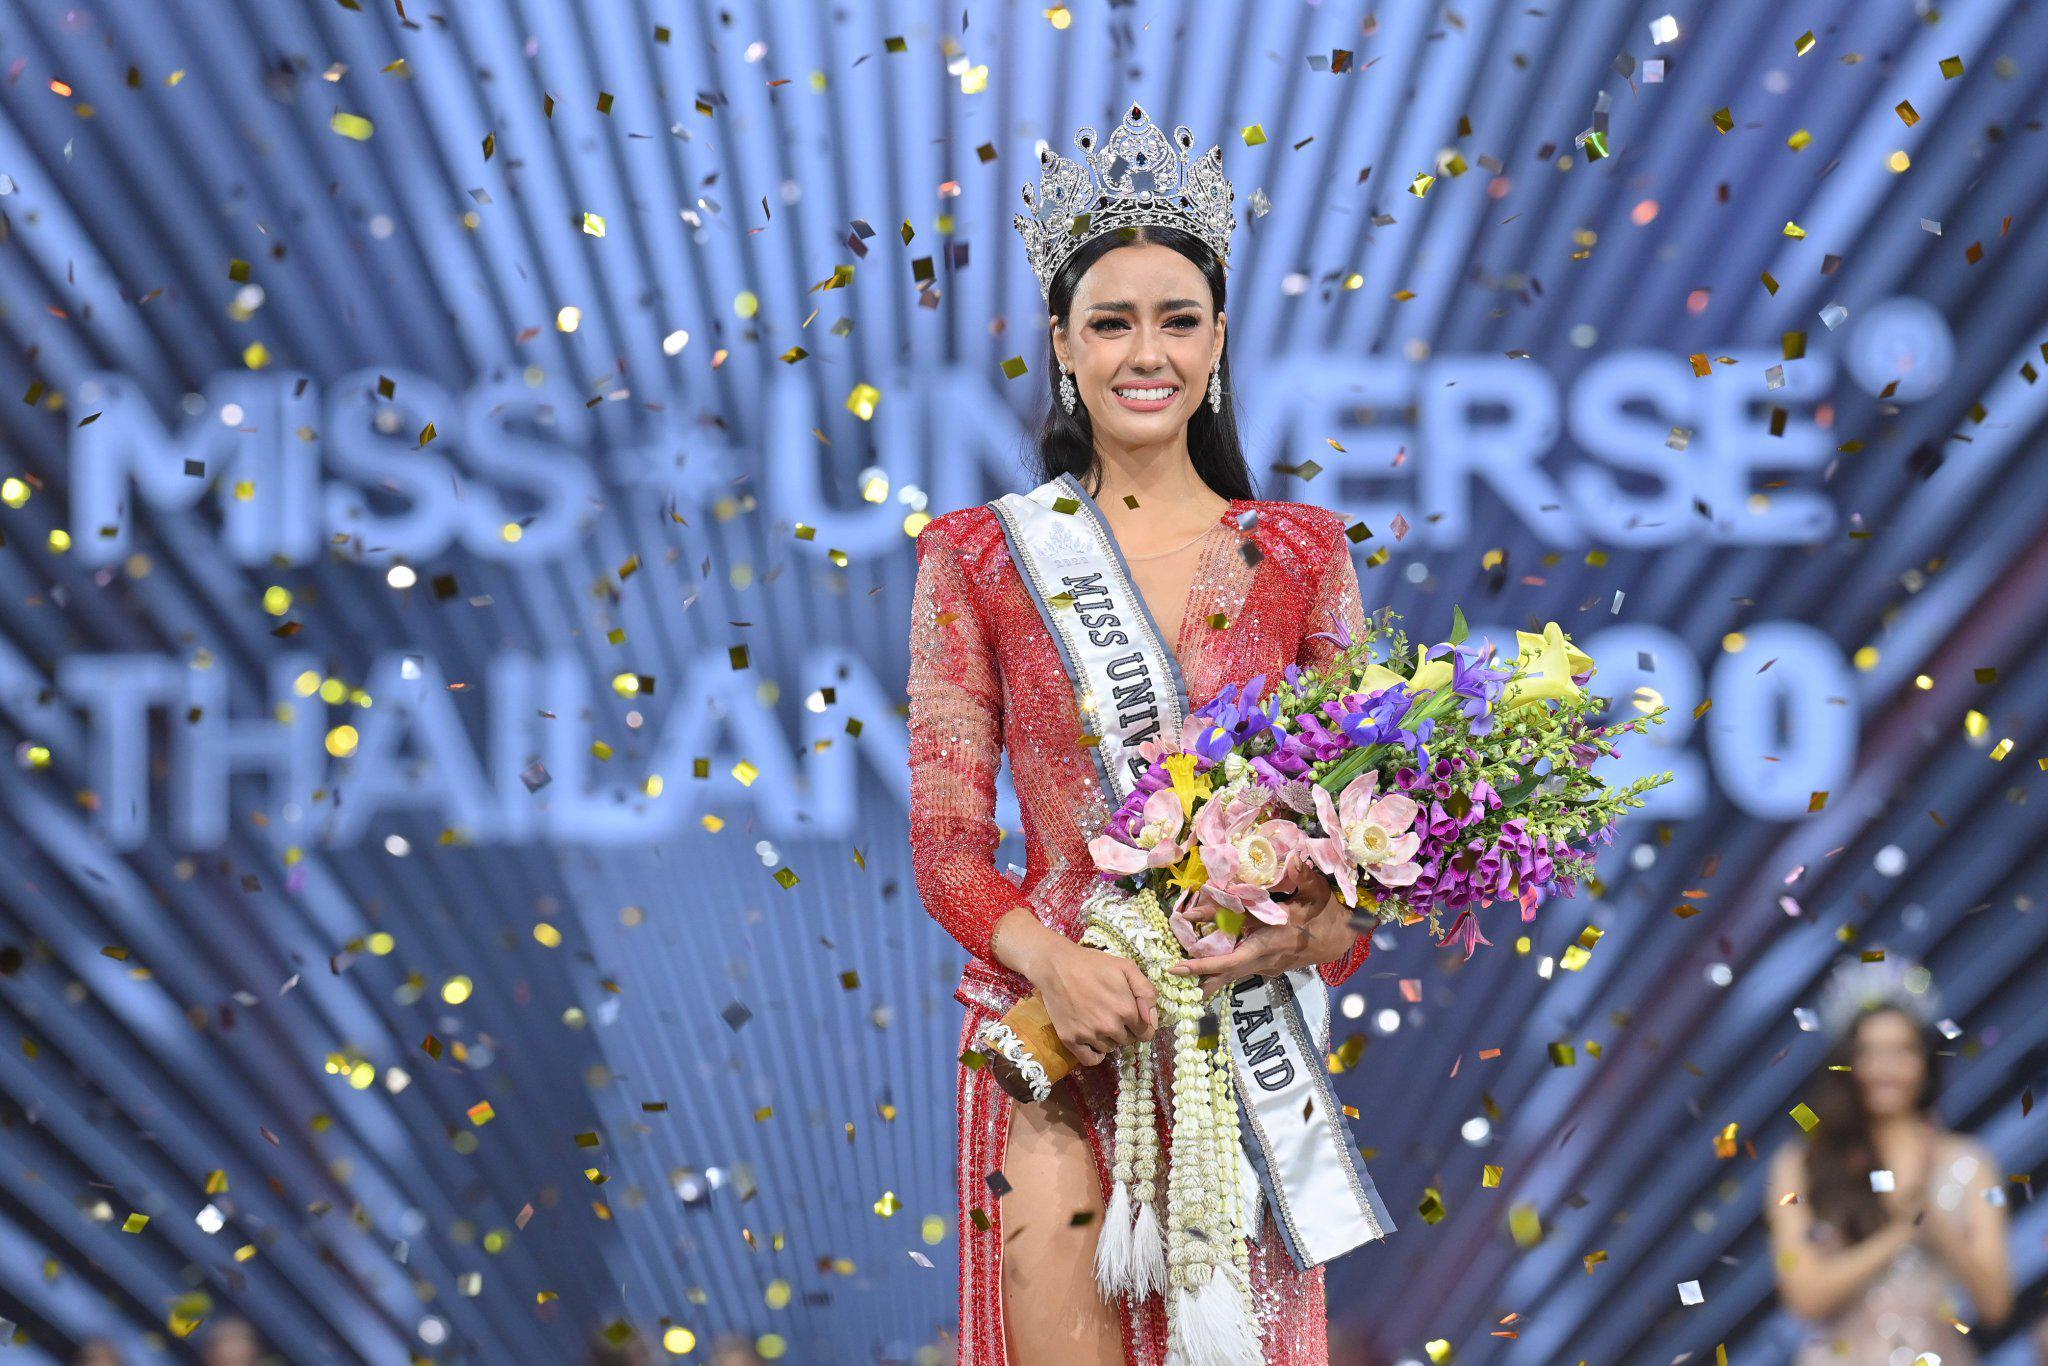 泰国环球小姐冠军出炉!她戴75万钻石大王冠,穿闪片红裙秀身材